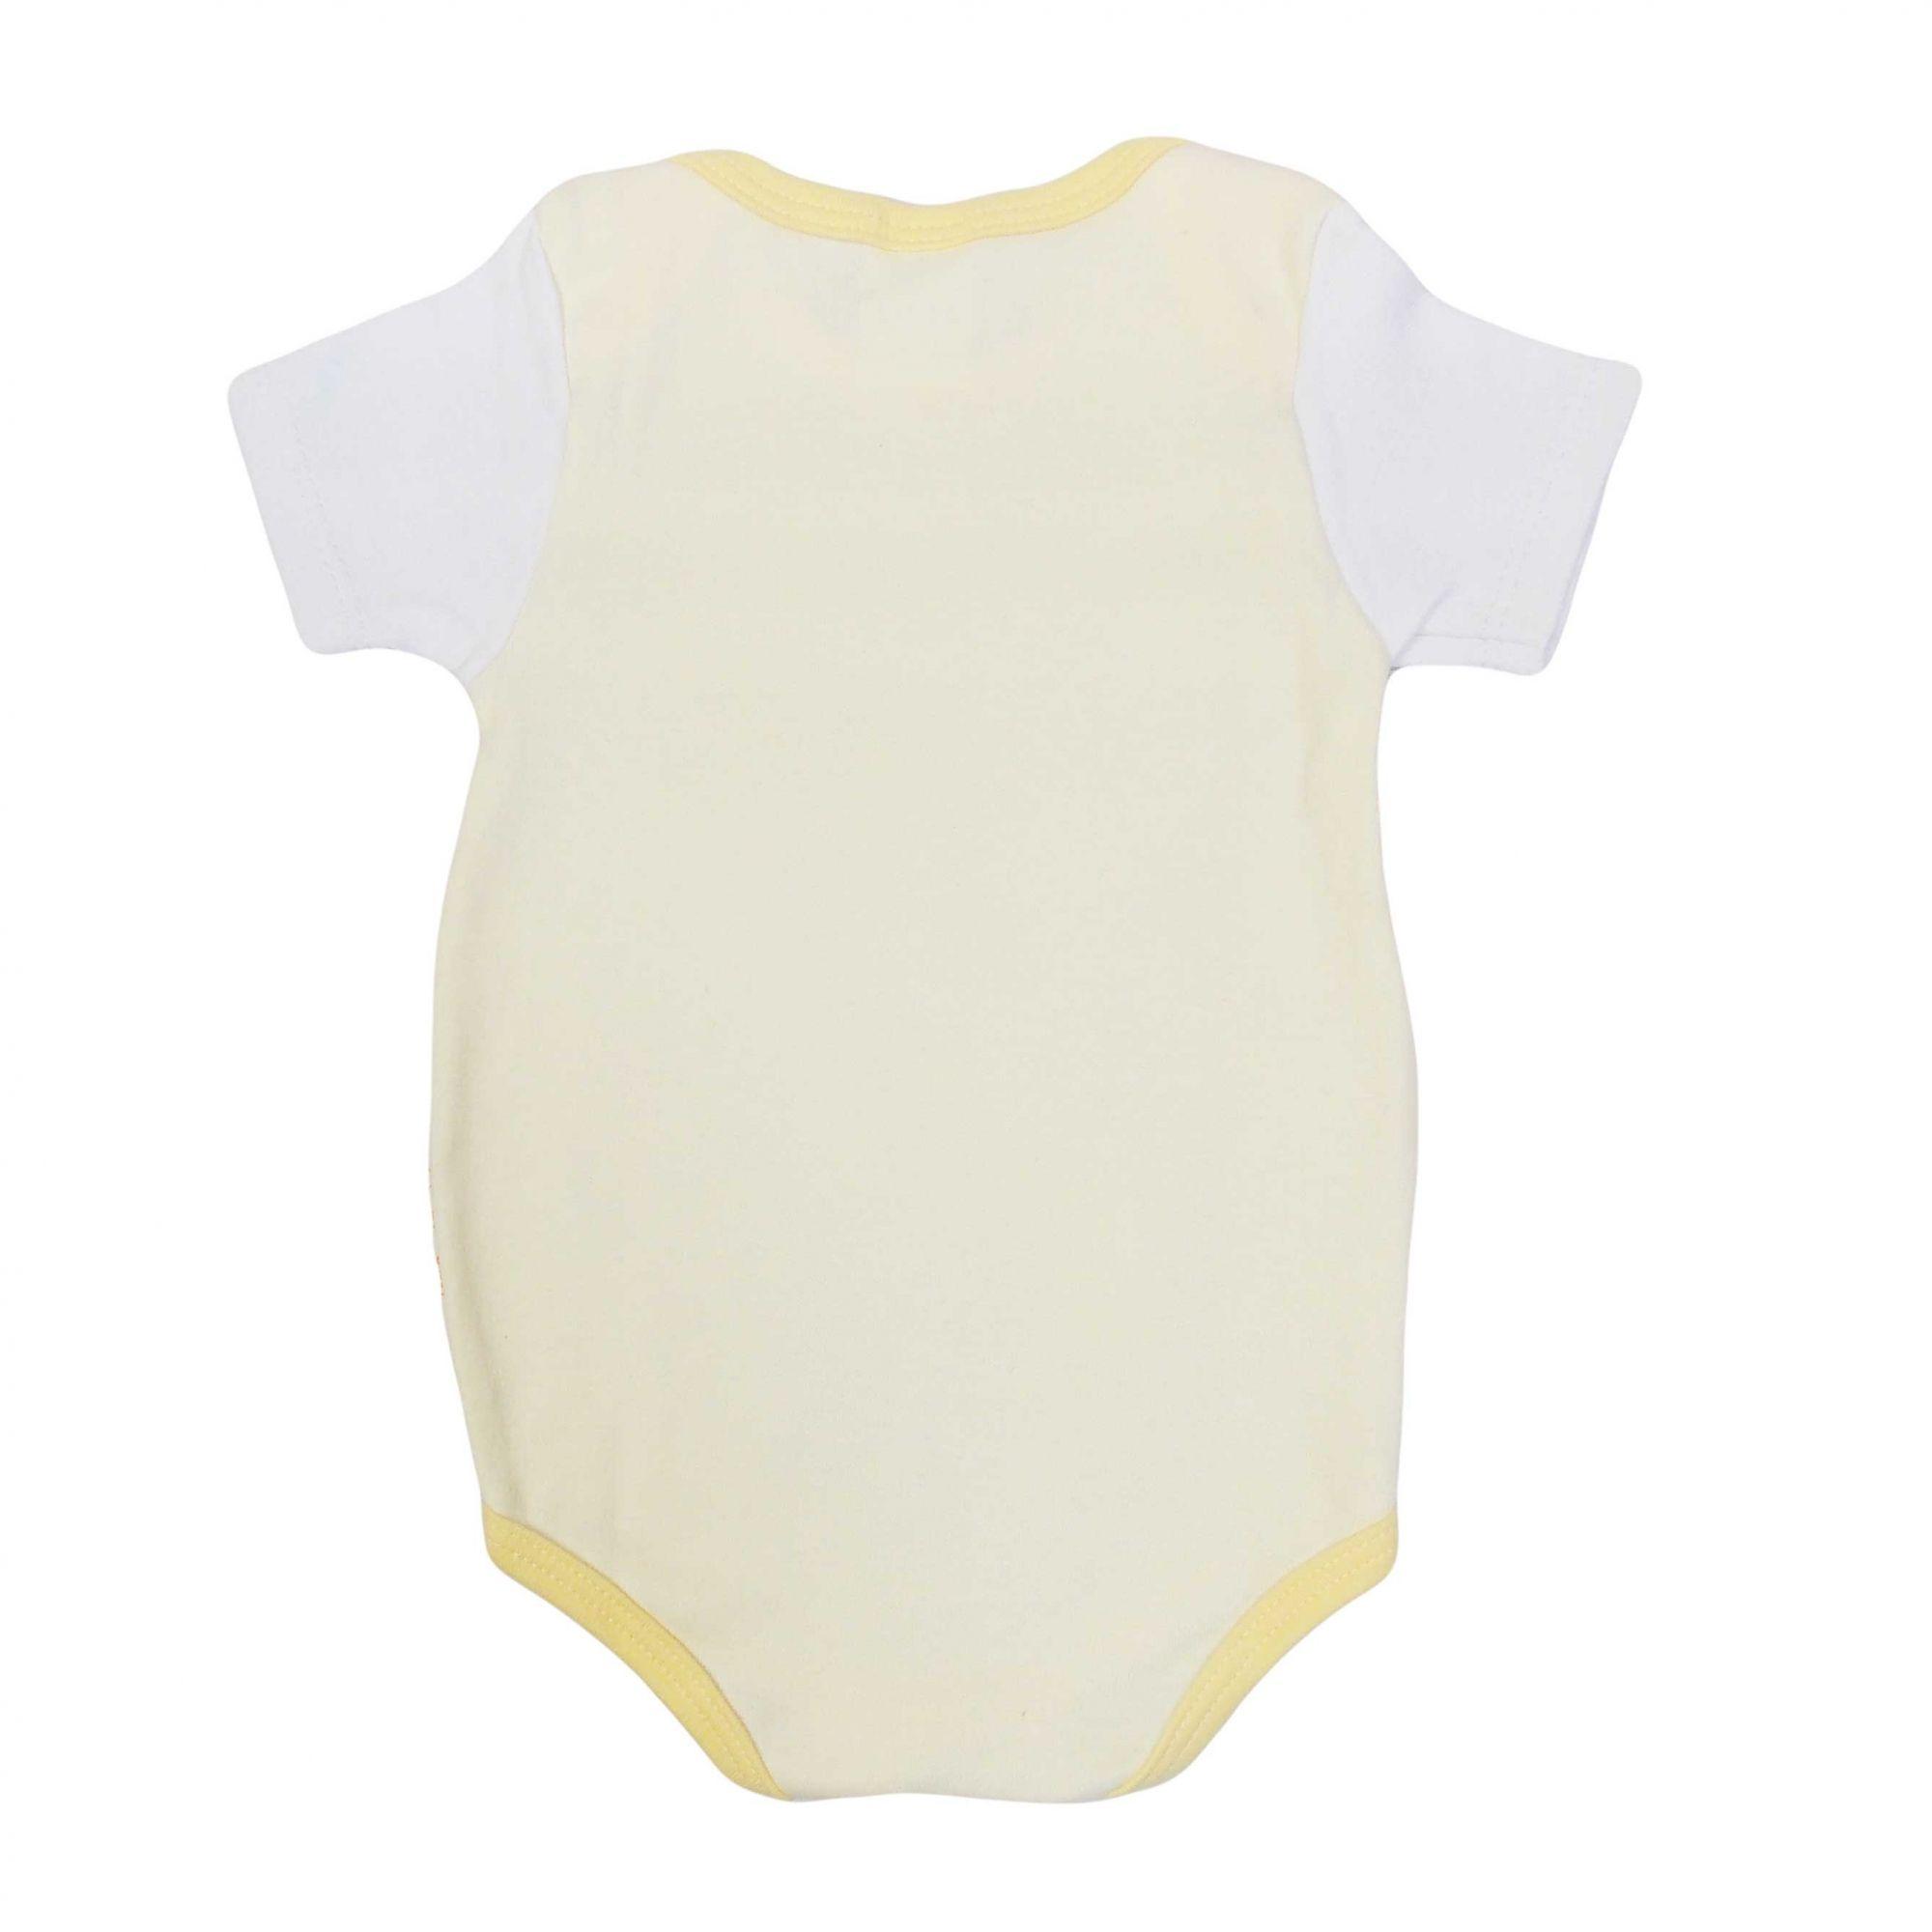 Body Bicho Molhado Bebê Manga Curta Ursinhos